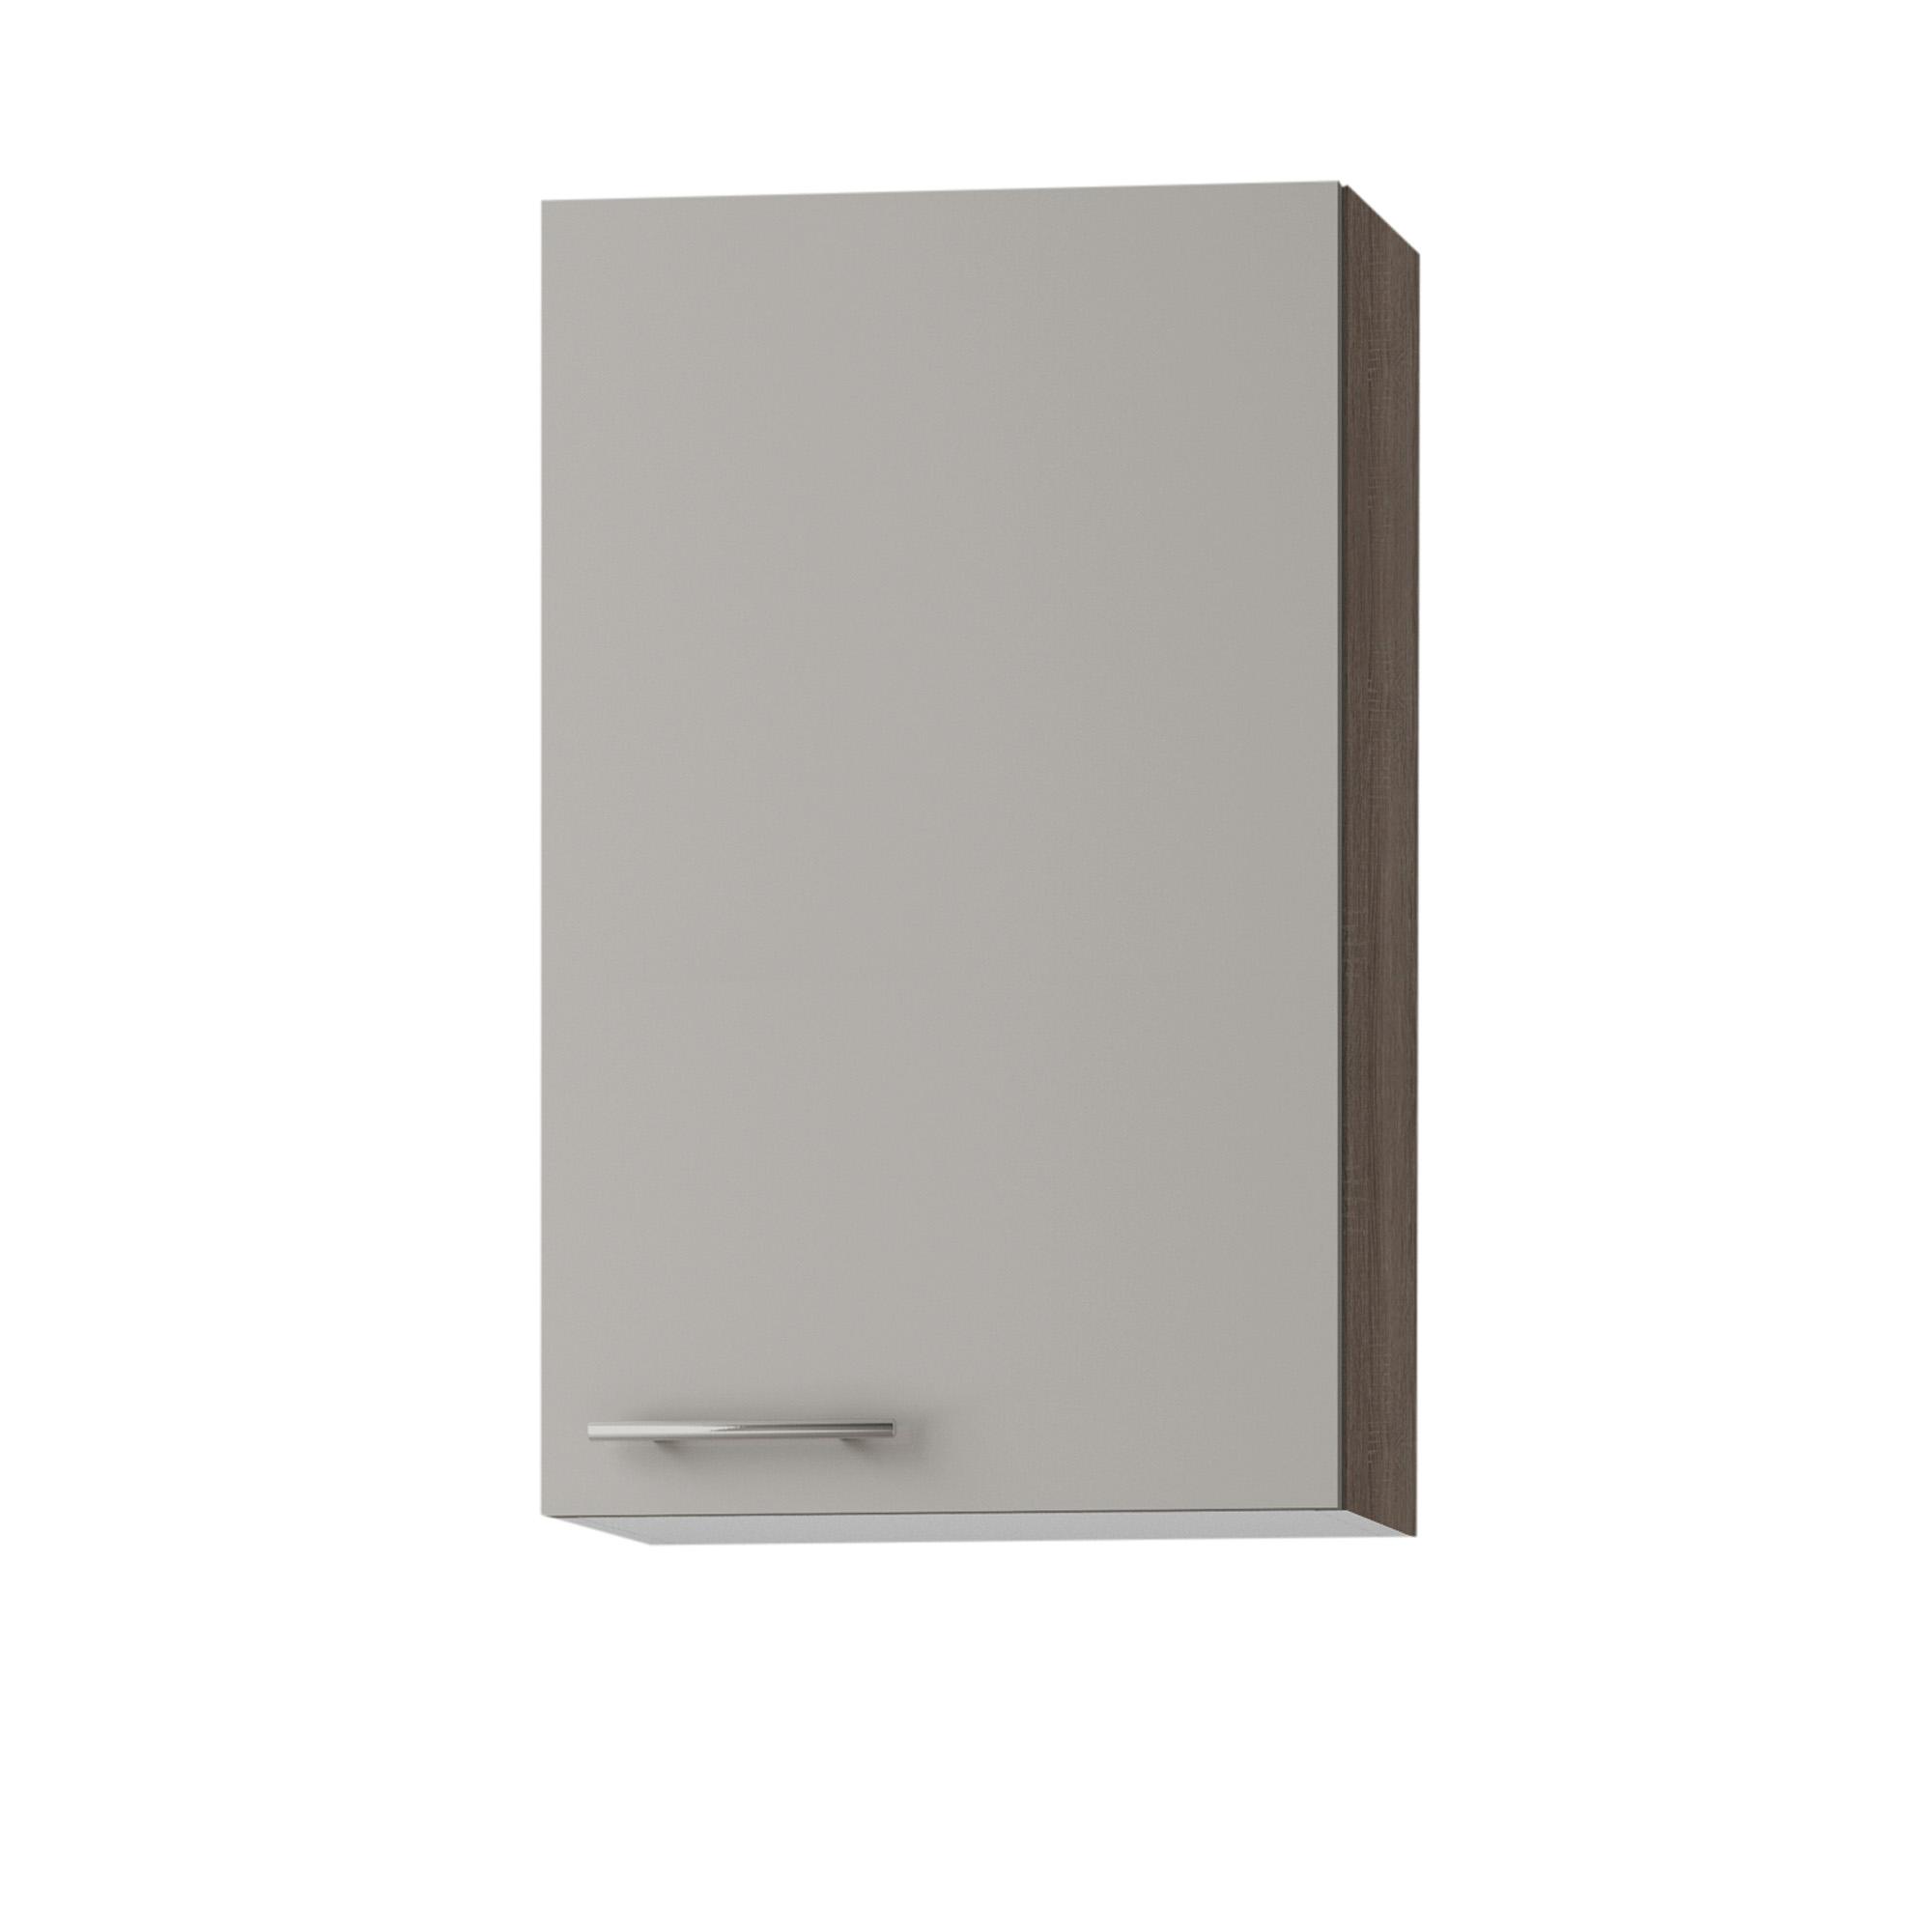 Küchen-Hängeschrank GRANADA - 16-türig - 16 cm breit, 16 cm hoch - Beige